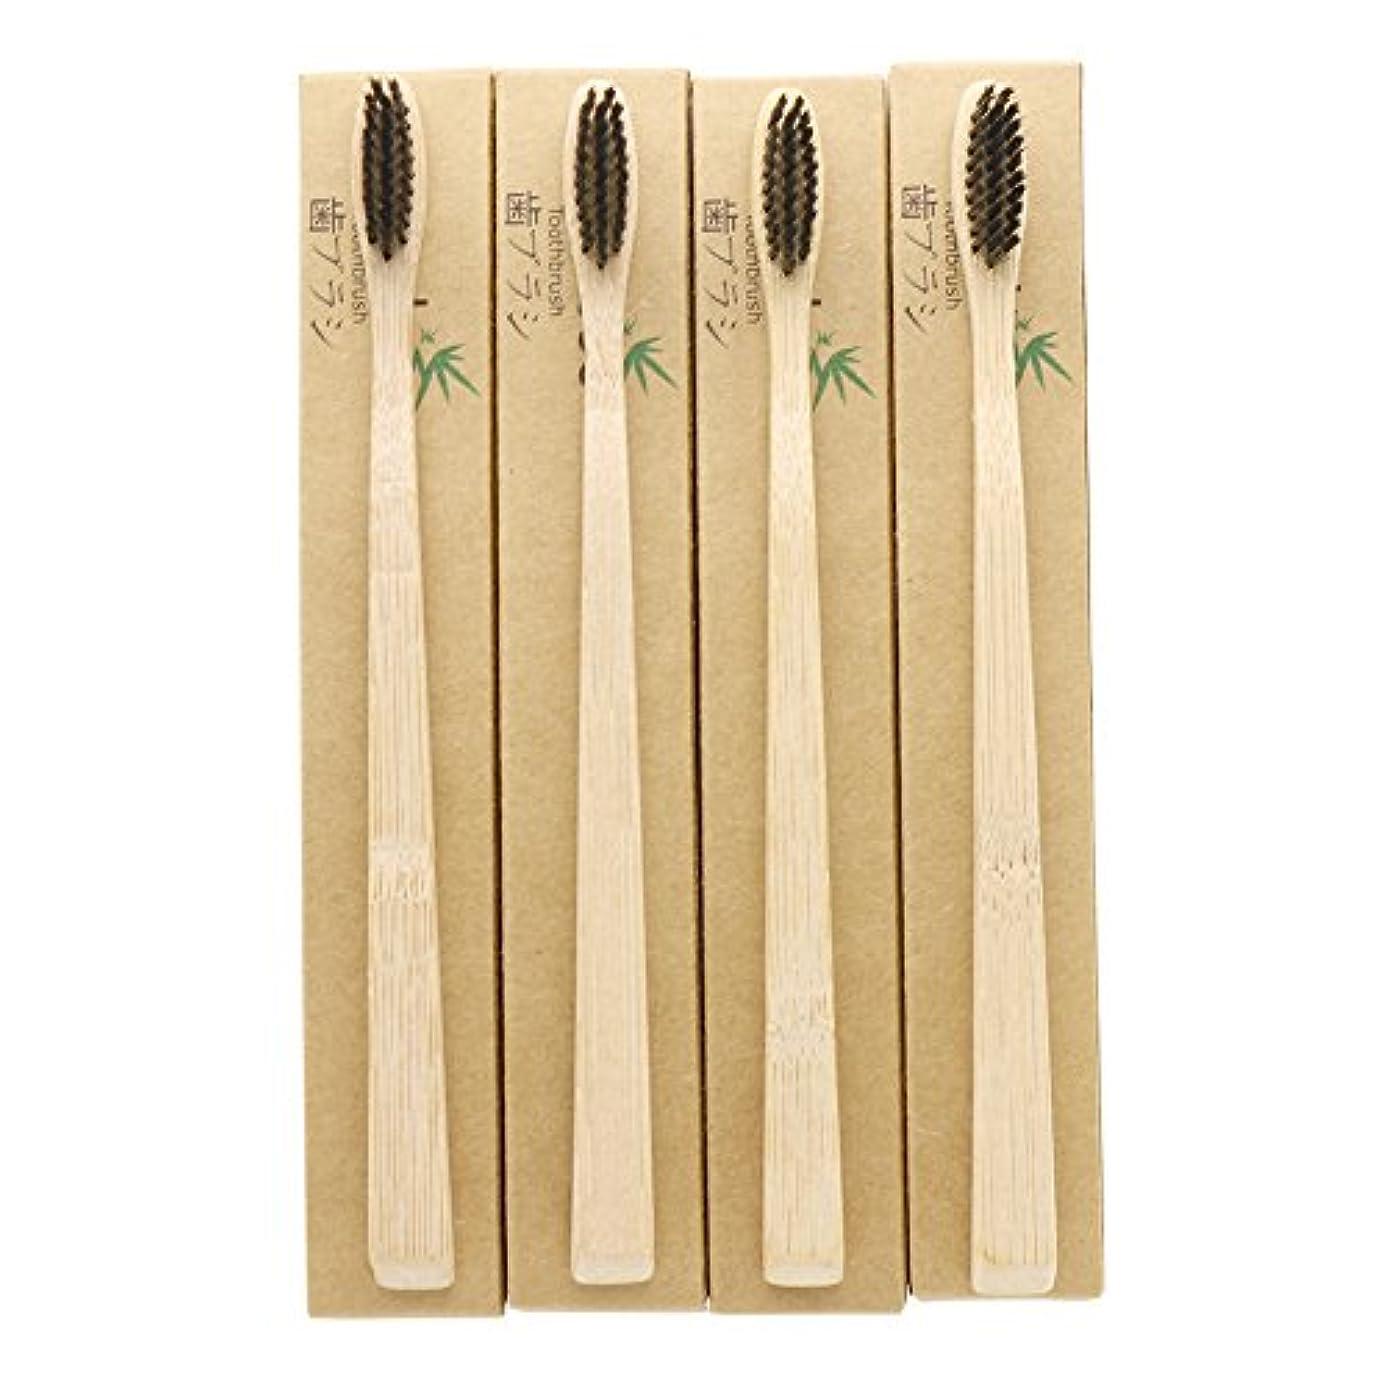 エレクトロニック笑無しN-amboo 竹製耐久度高い 歯ブラシ 黒い ハンドル小さい 4本入りセット